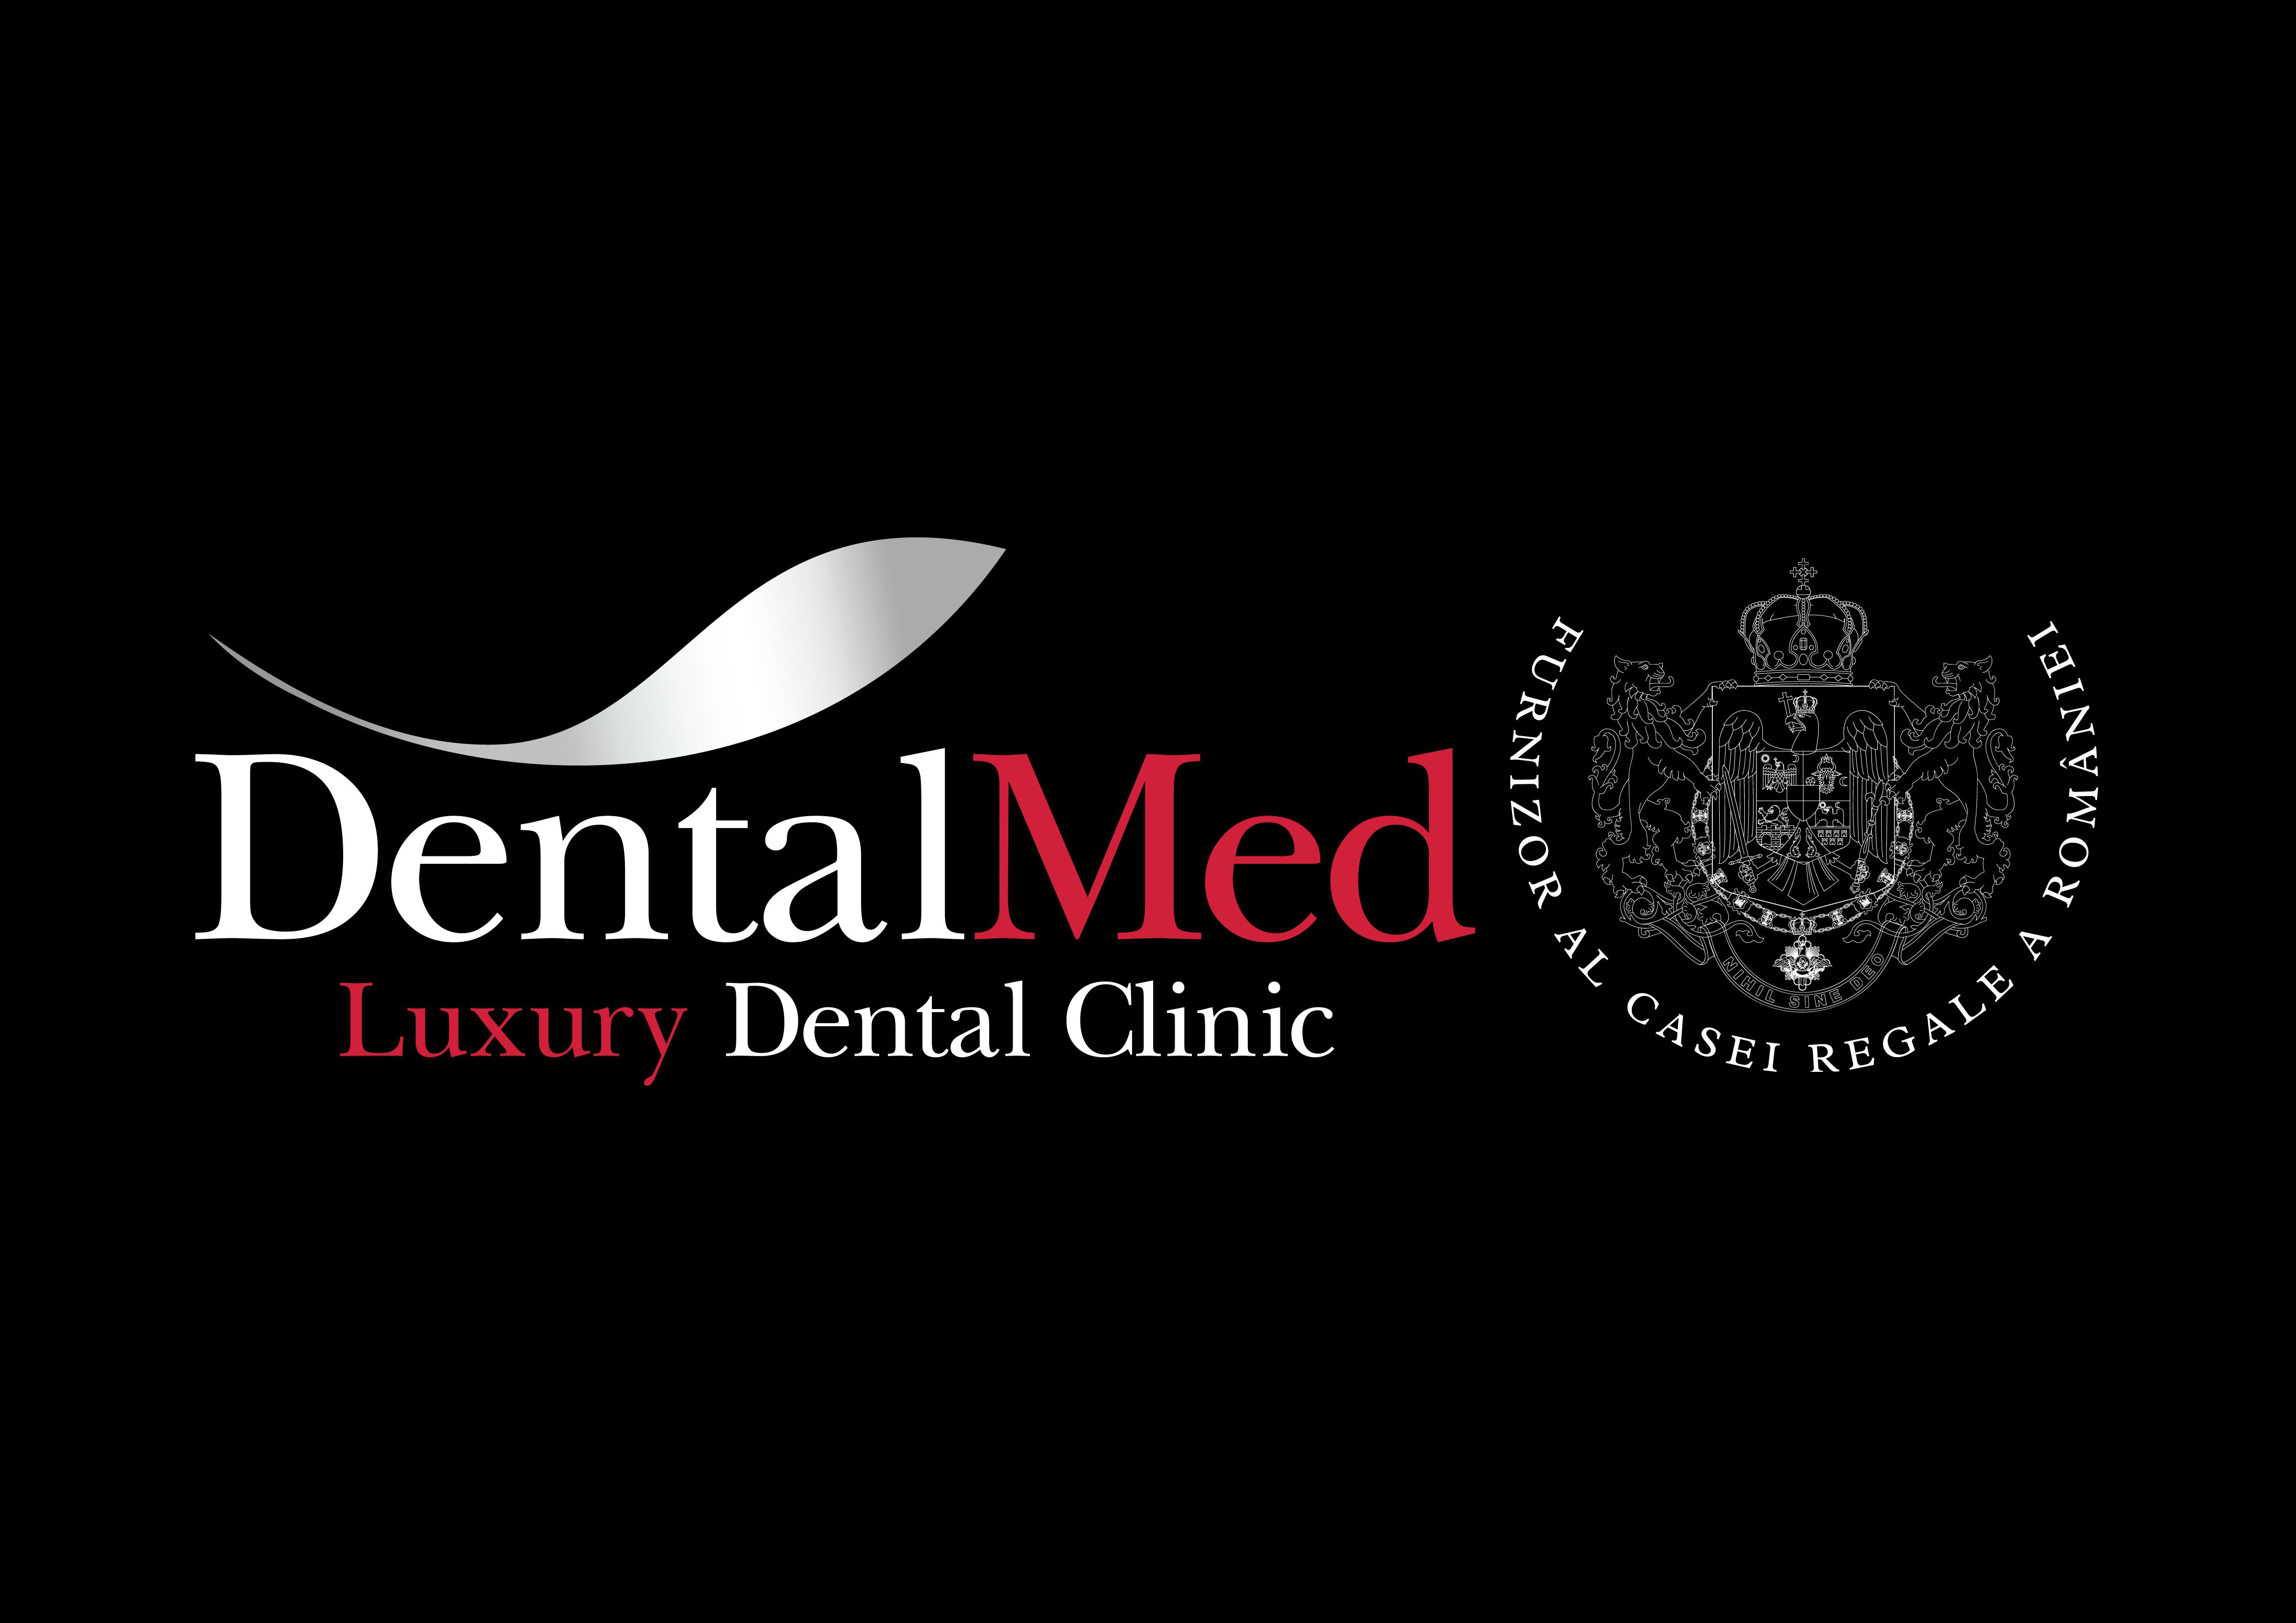 Dentalmed Clinics Luxury